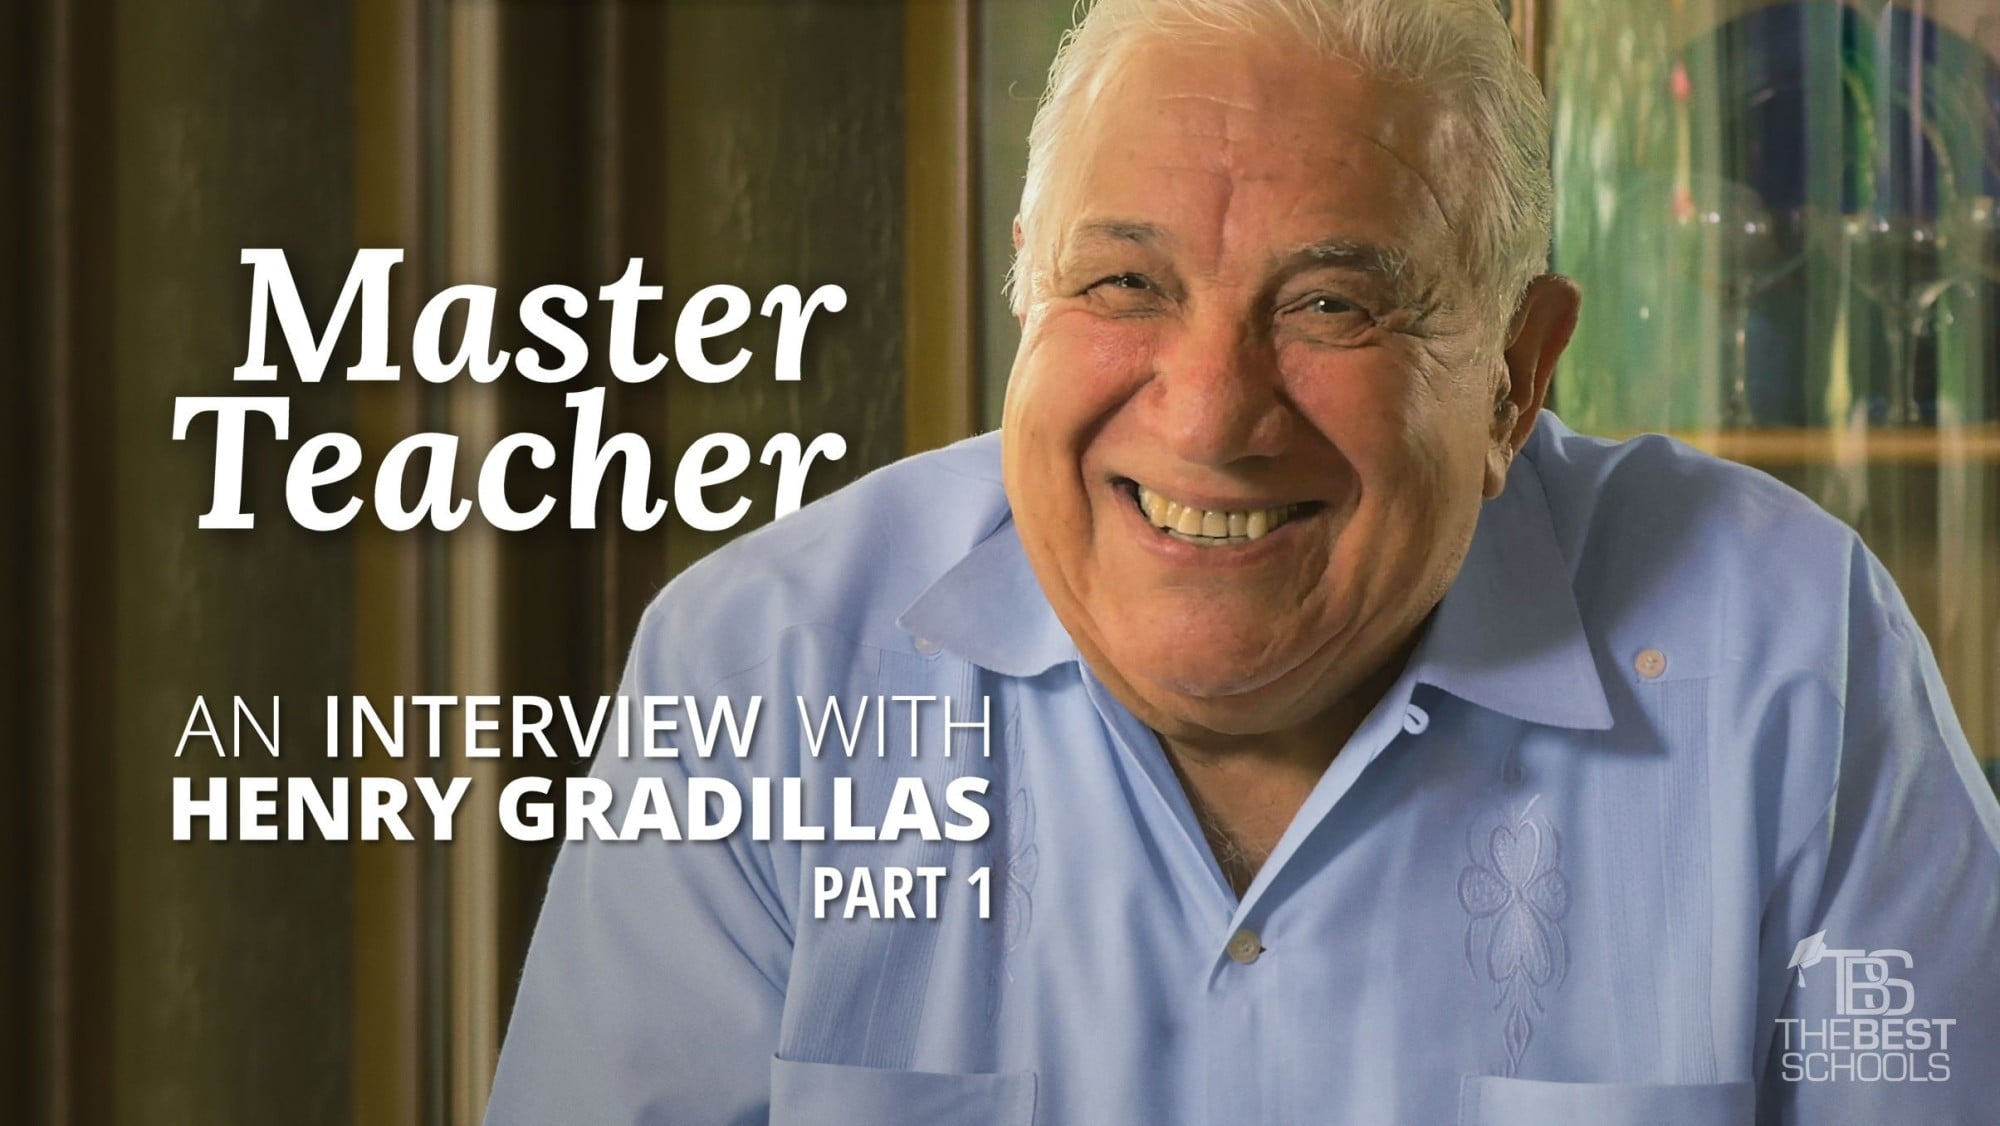 Henry Gradillas video interviews